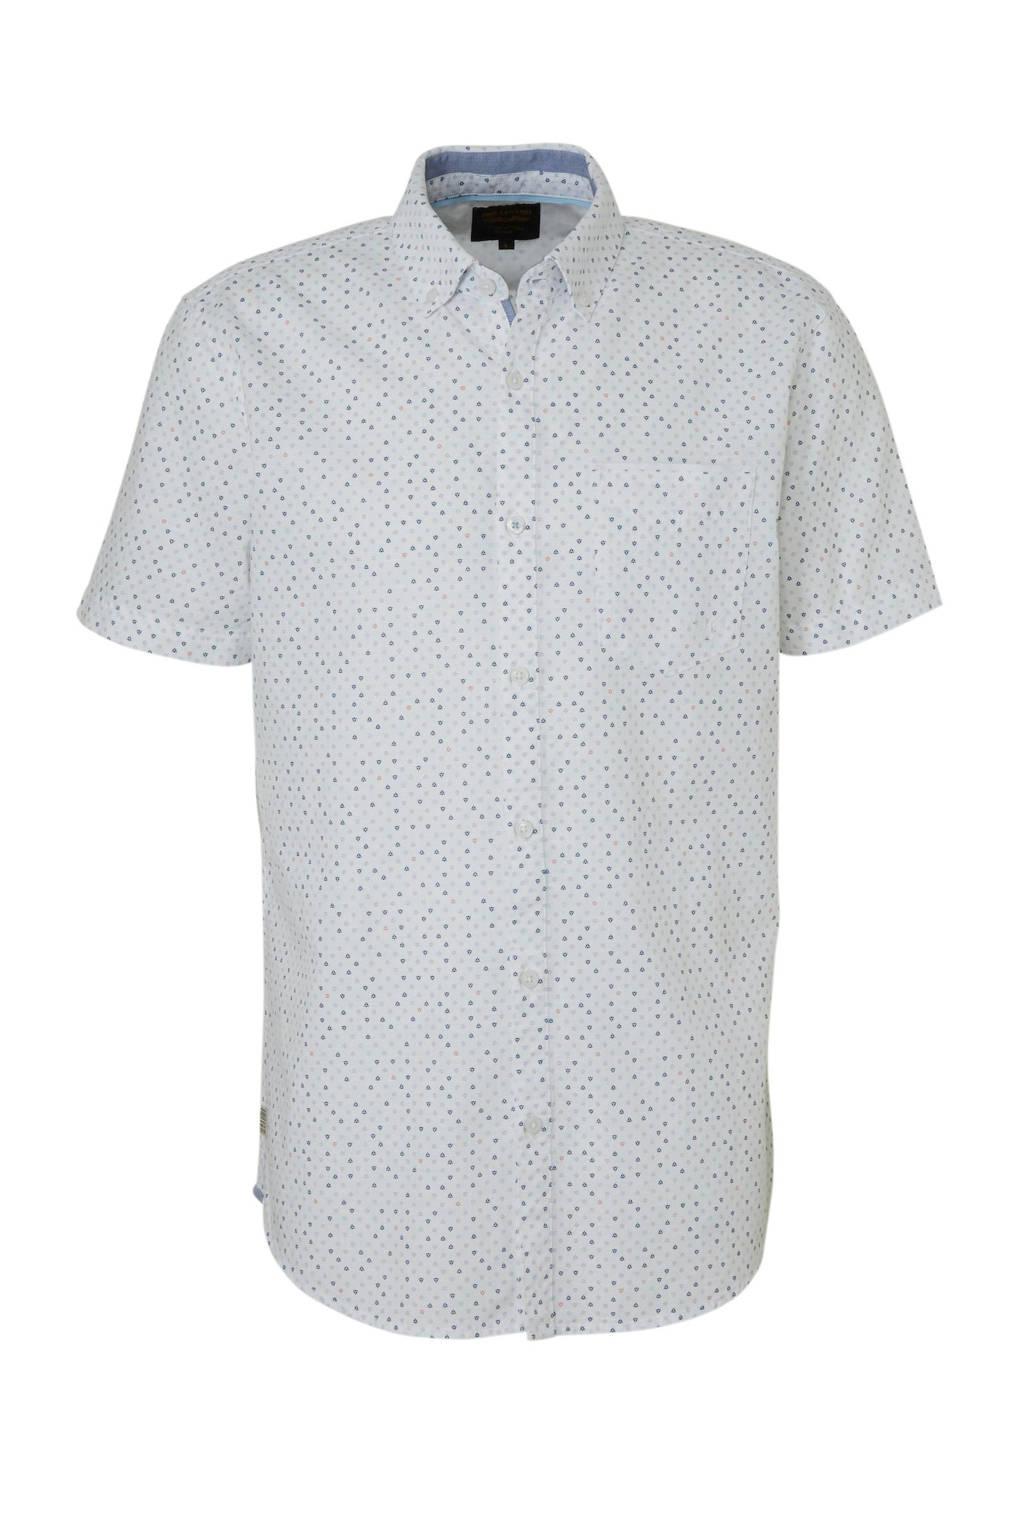 PME Legend overhemd met all-over print wit, Wit/multi-kleuren